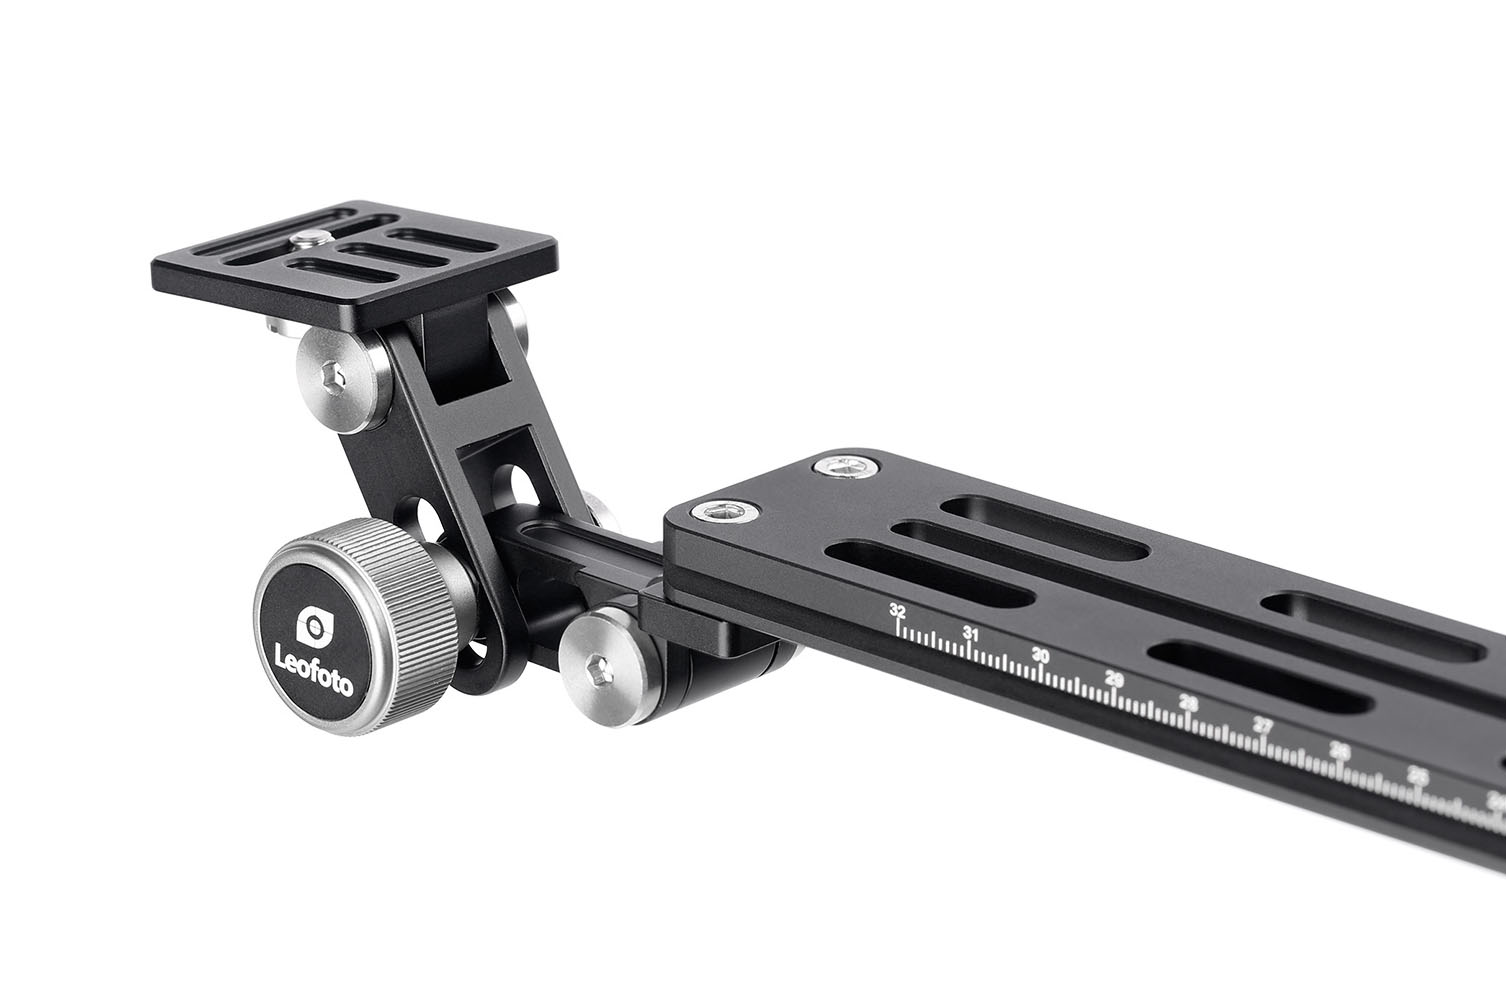 Leofoto VR-250 regleta cámara y teleobjetivos